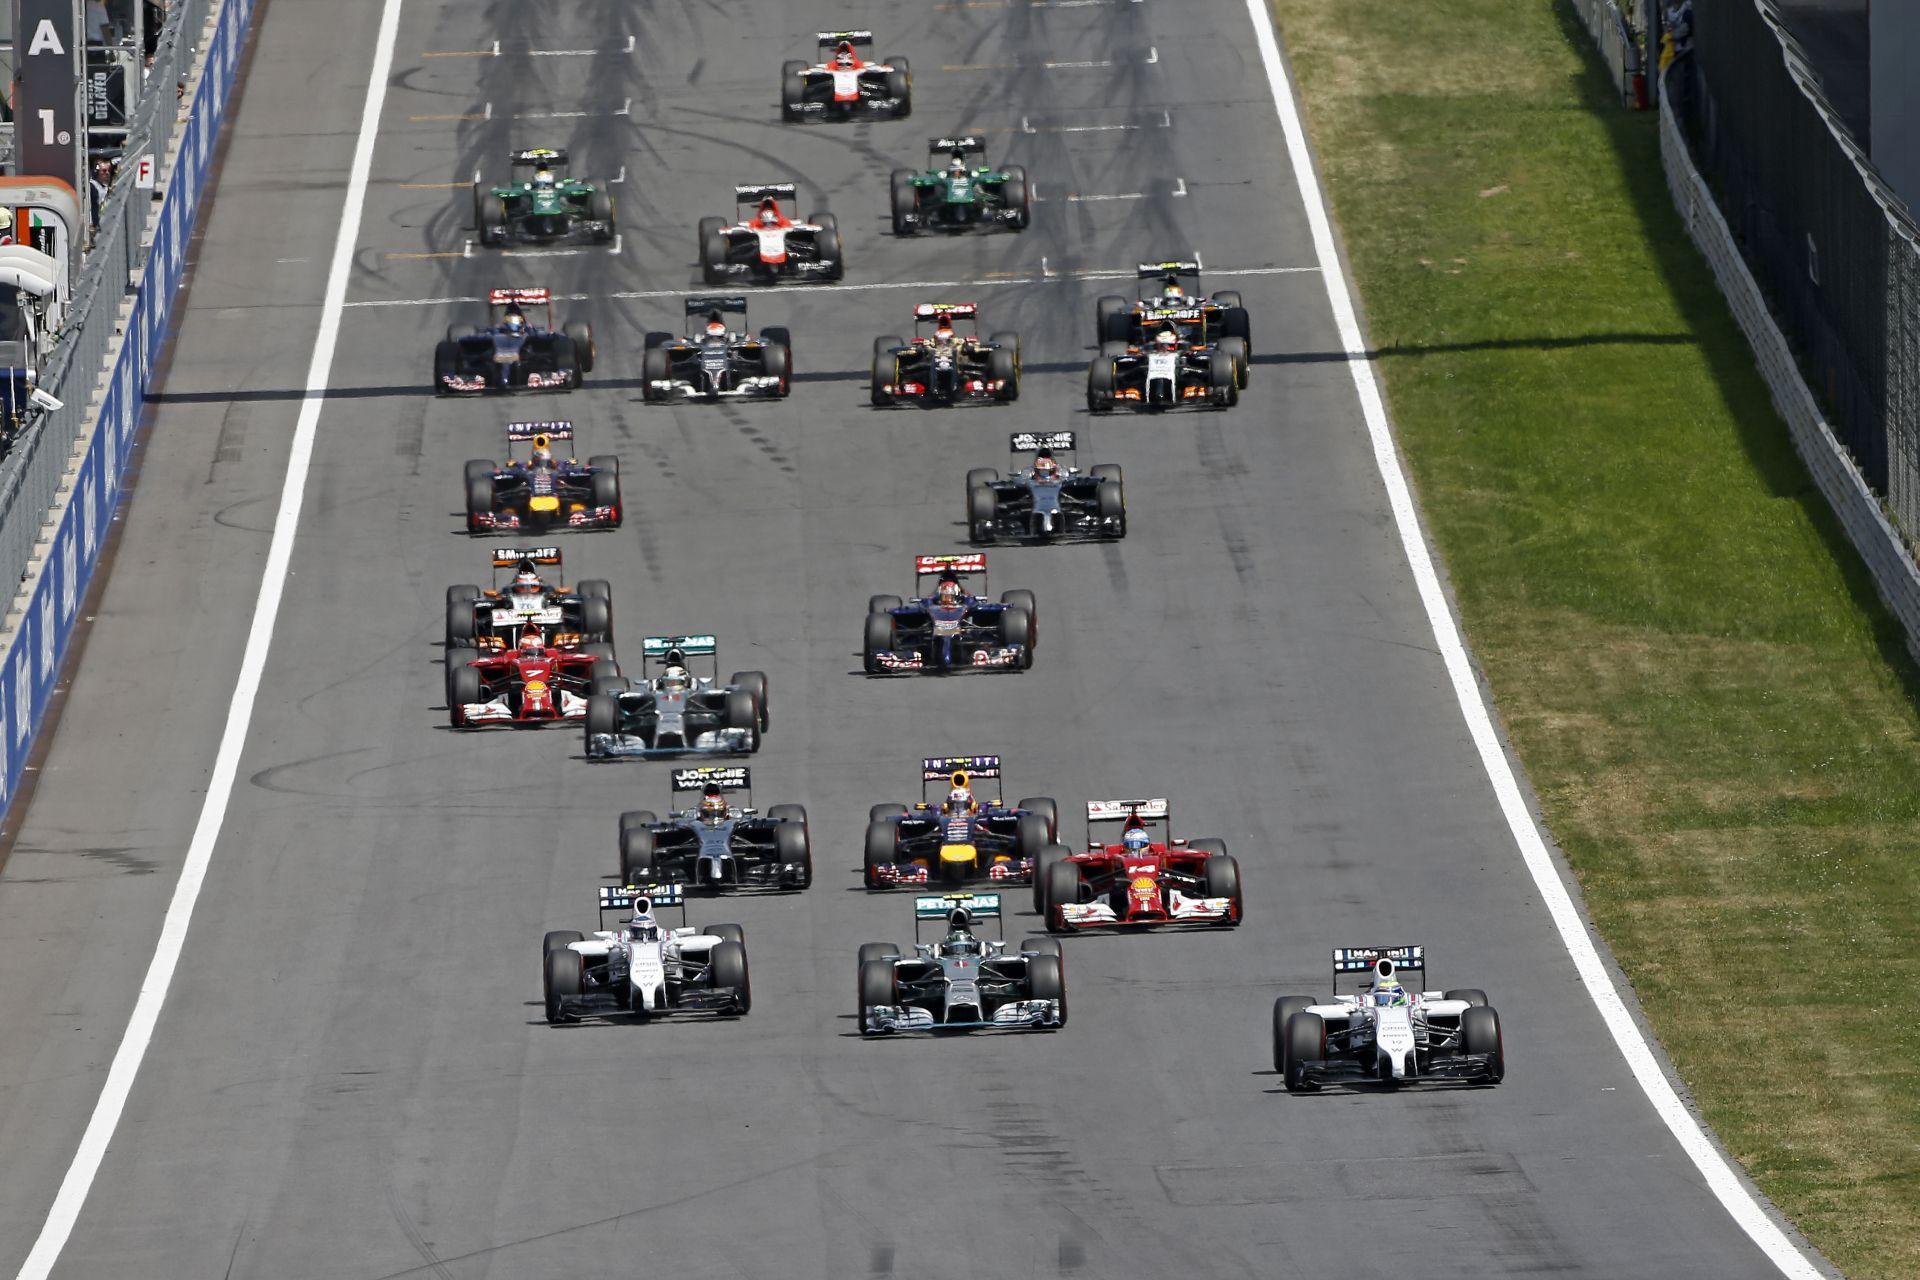 A legtöbb F1-es versenyző ellene van az új biztonsági autós fázisnak: Hülyeség az egész?